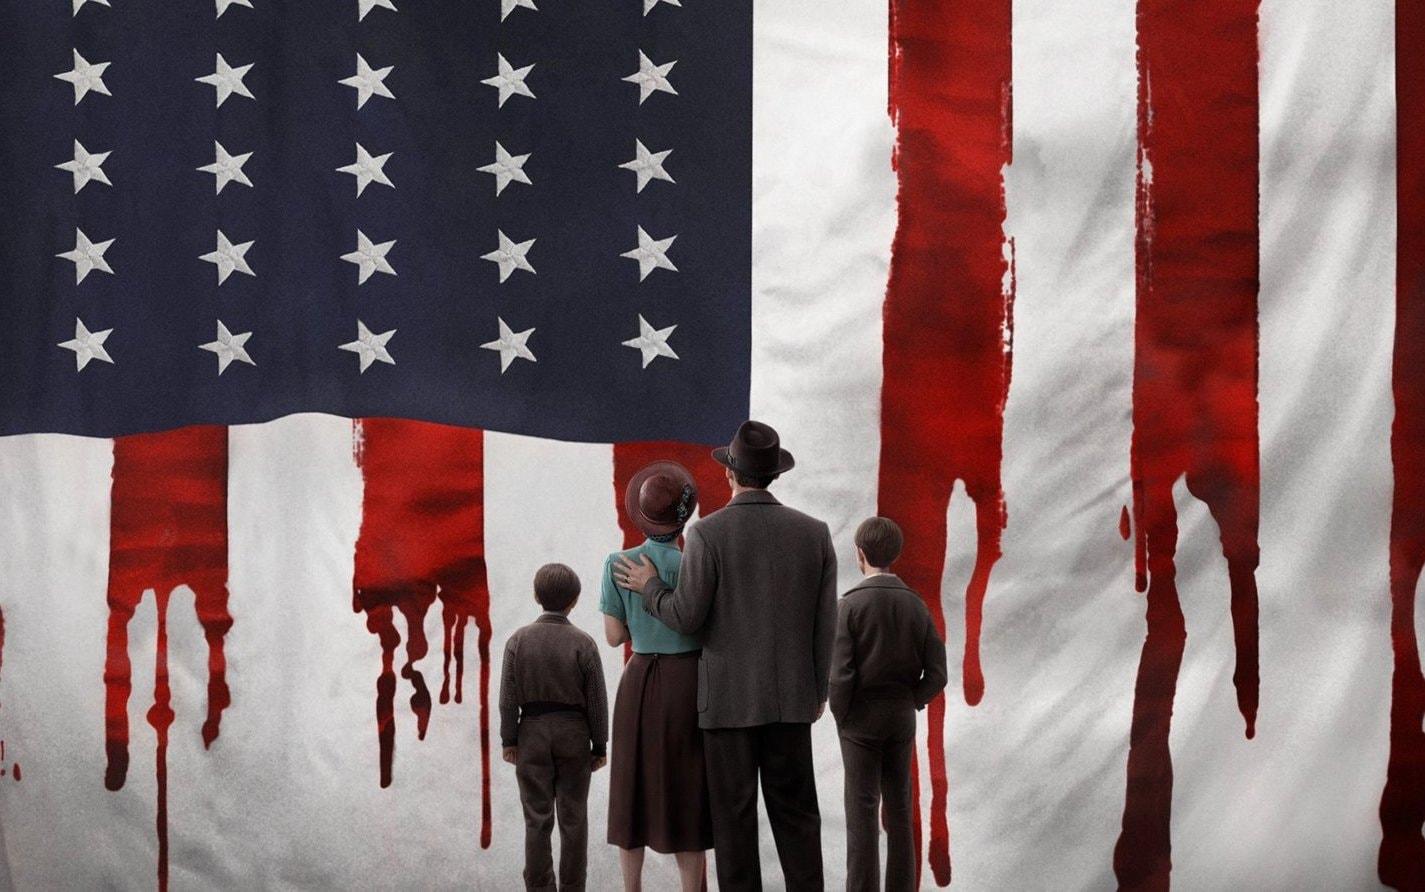 Il complotto contro l'America, su Sky la nuova miniserie HBO con Winona Ryder